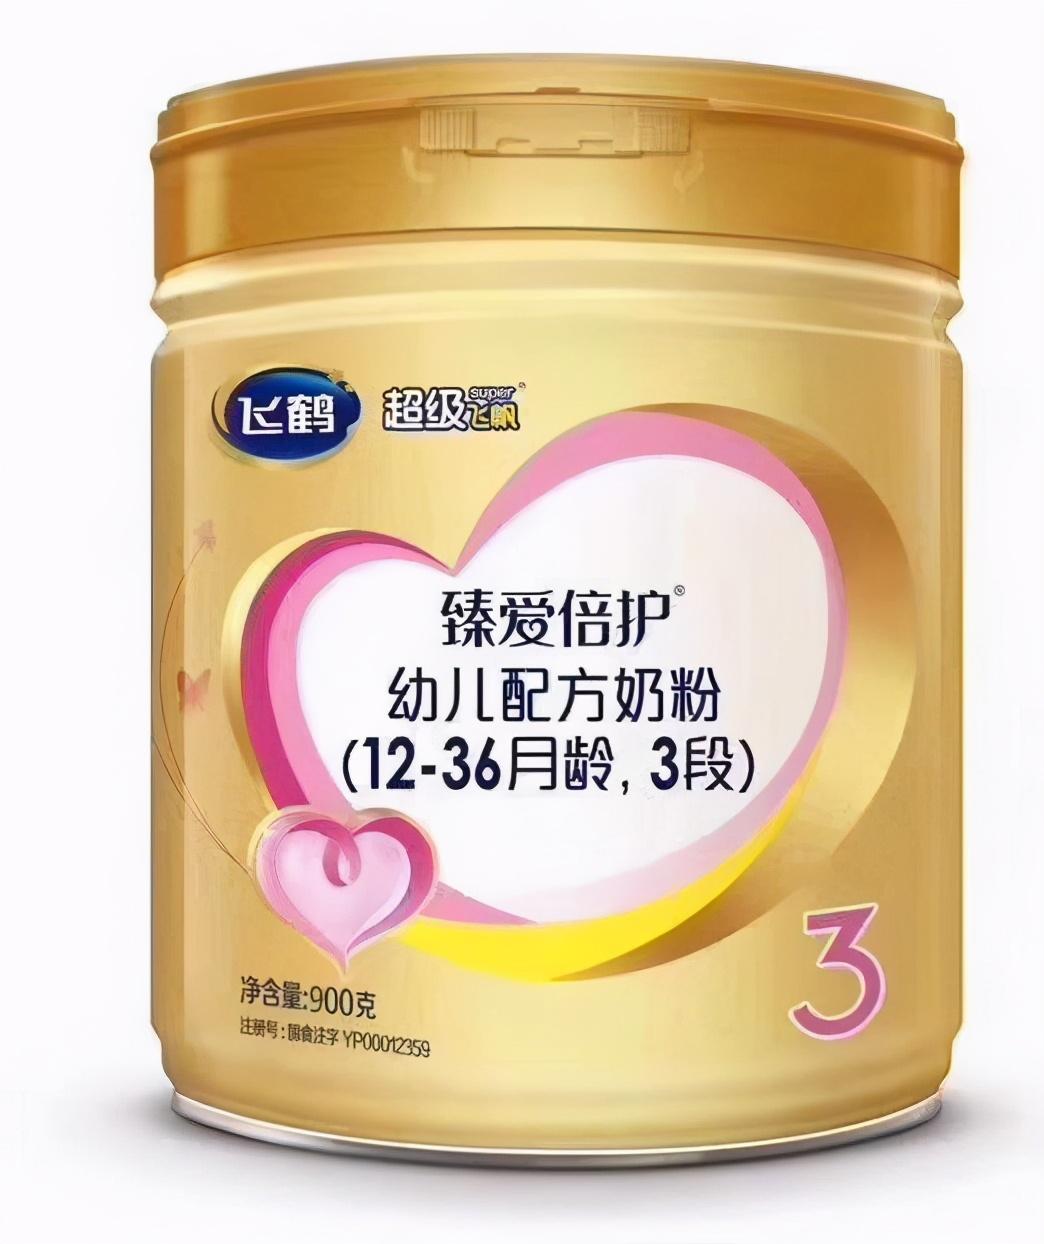 国产奶粉排行榜前十位,快看有你家喝的吗?